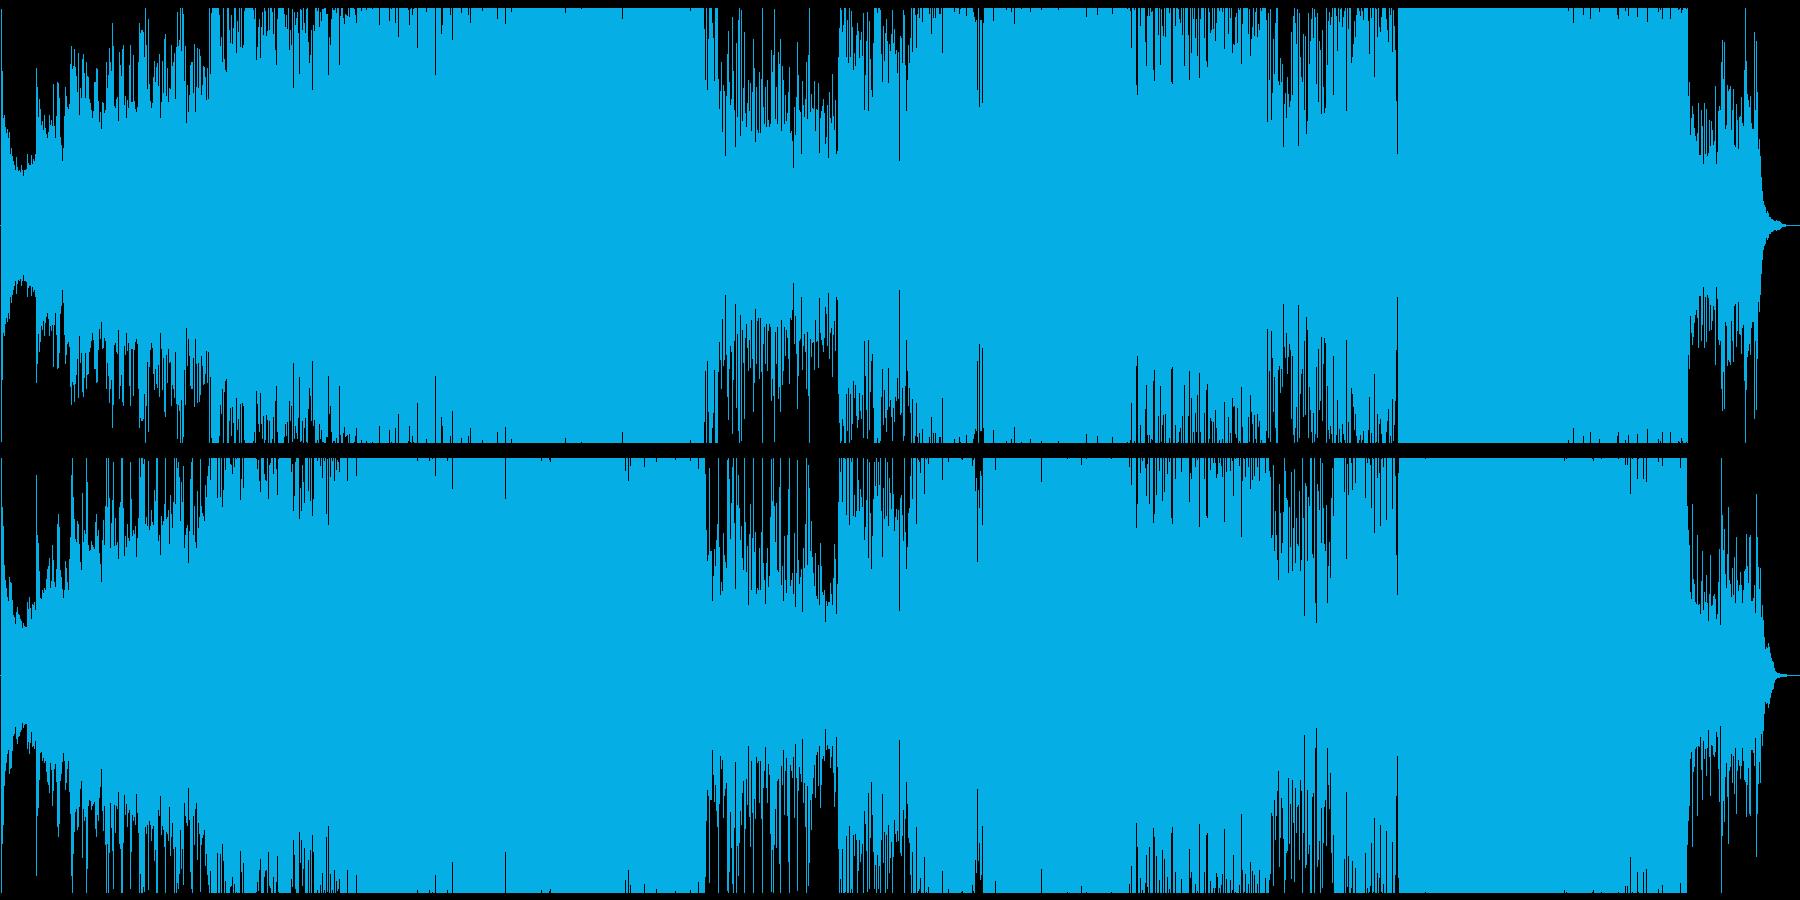 映像制作 感情 宇宙 深海 時空 幻覚の再生済みの波形